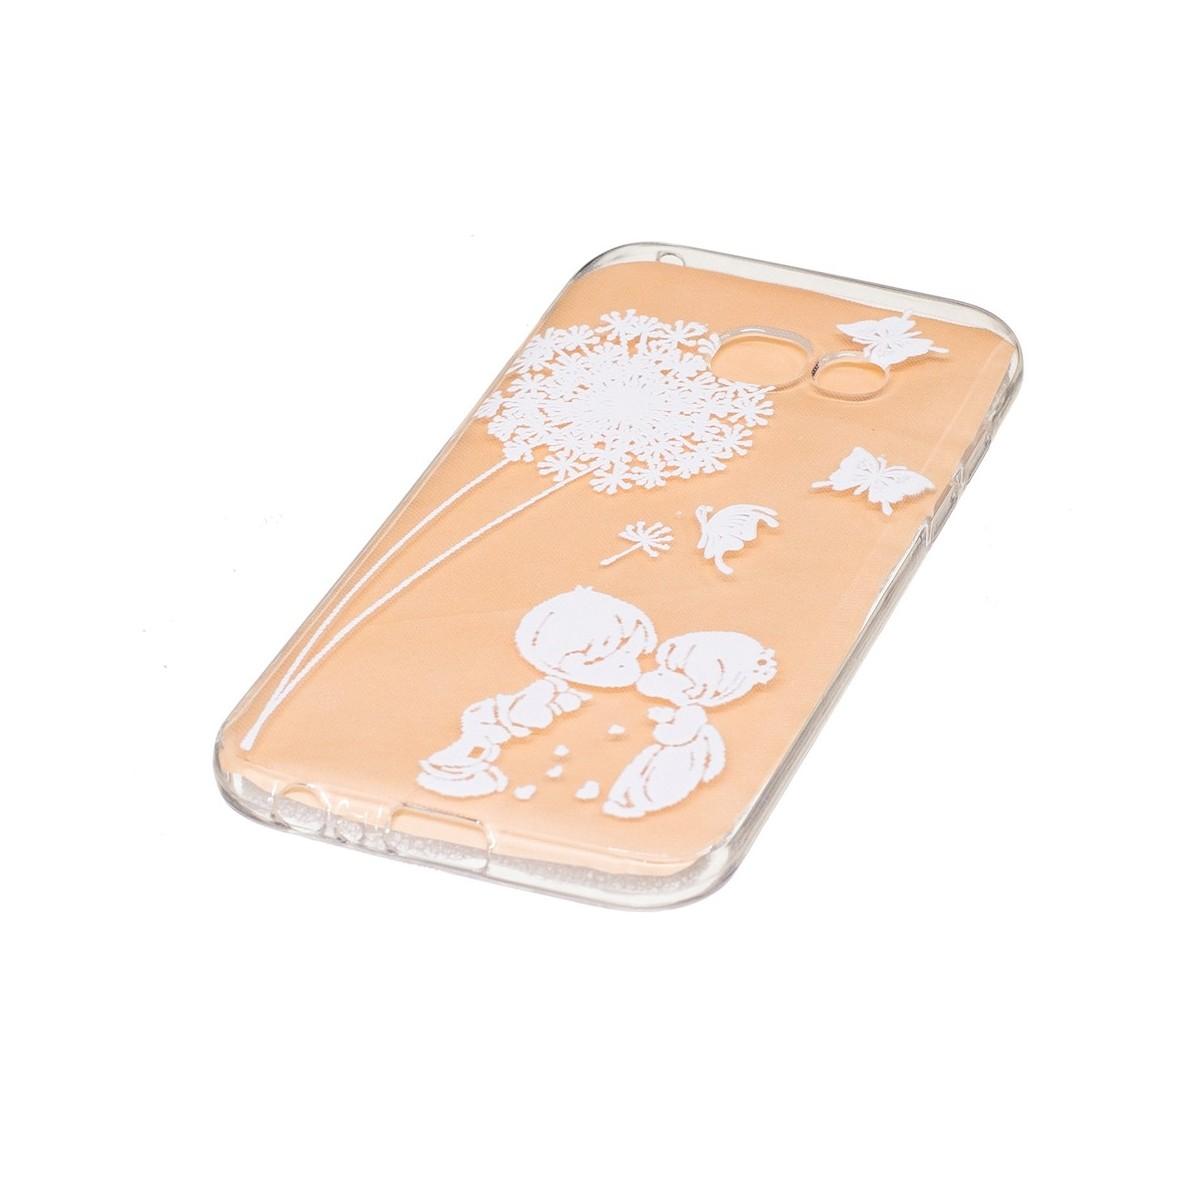 Coque Galaxy A3 (2017) Transparente souple motif Fleurs et Papillons Blancs - Crazy Kase